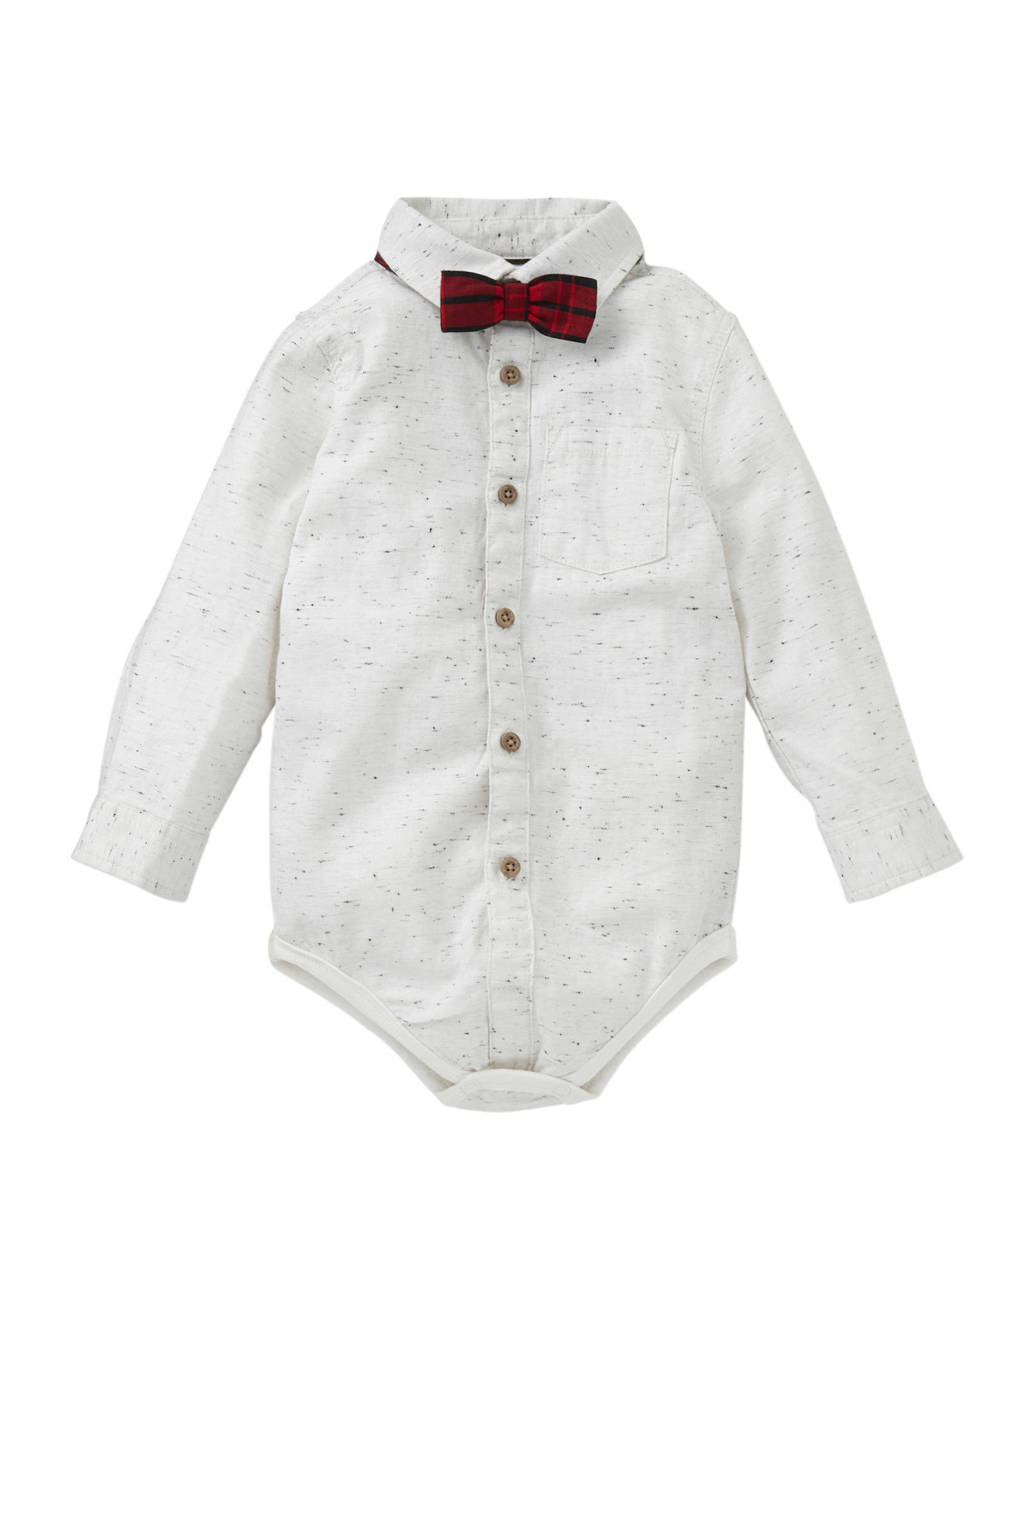 C&A Baby Club overhemd romper + vlinderstrik ecru, Ecru/rood